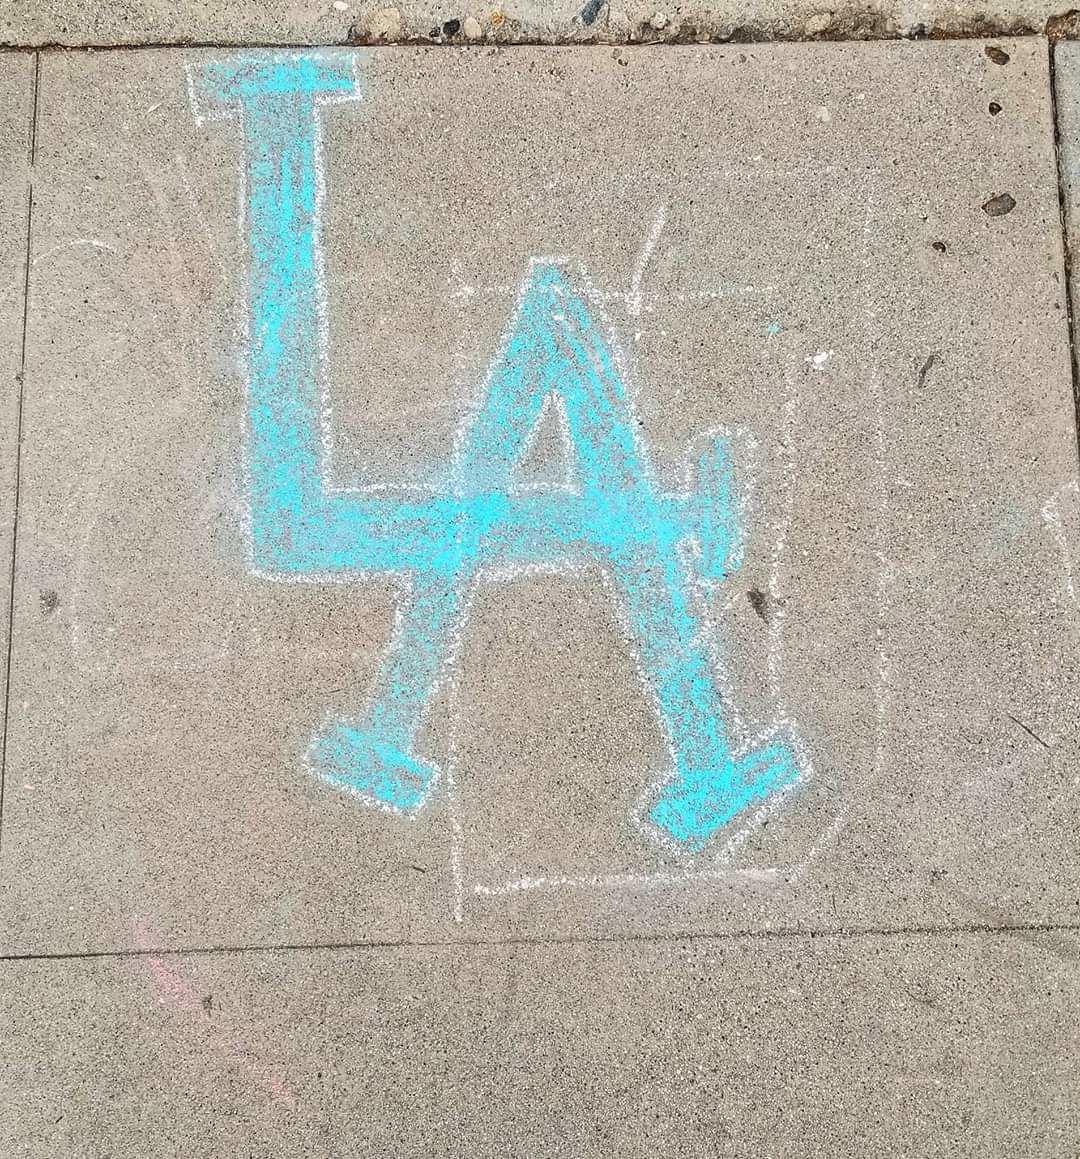 LA drawn in chalk on the sidewalk